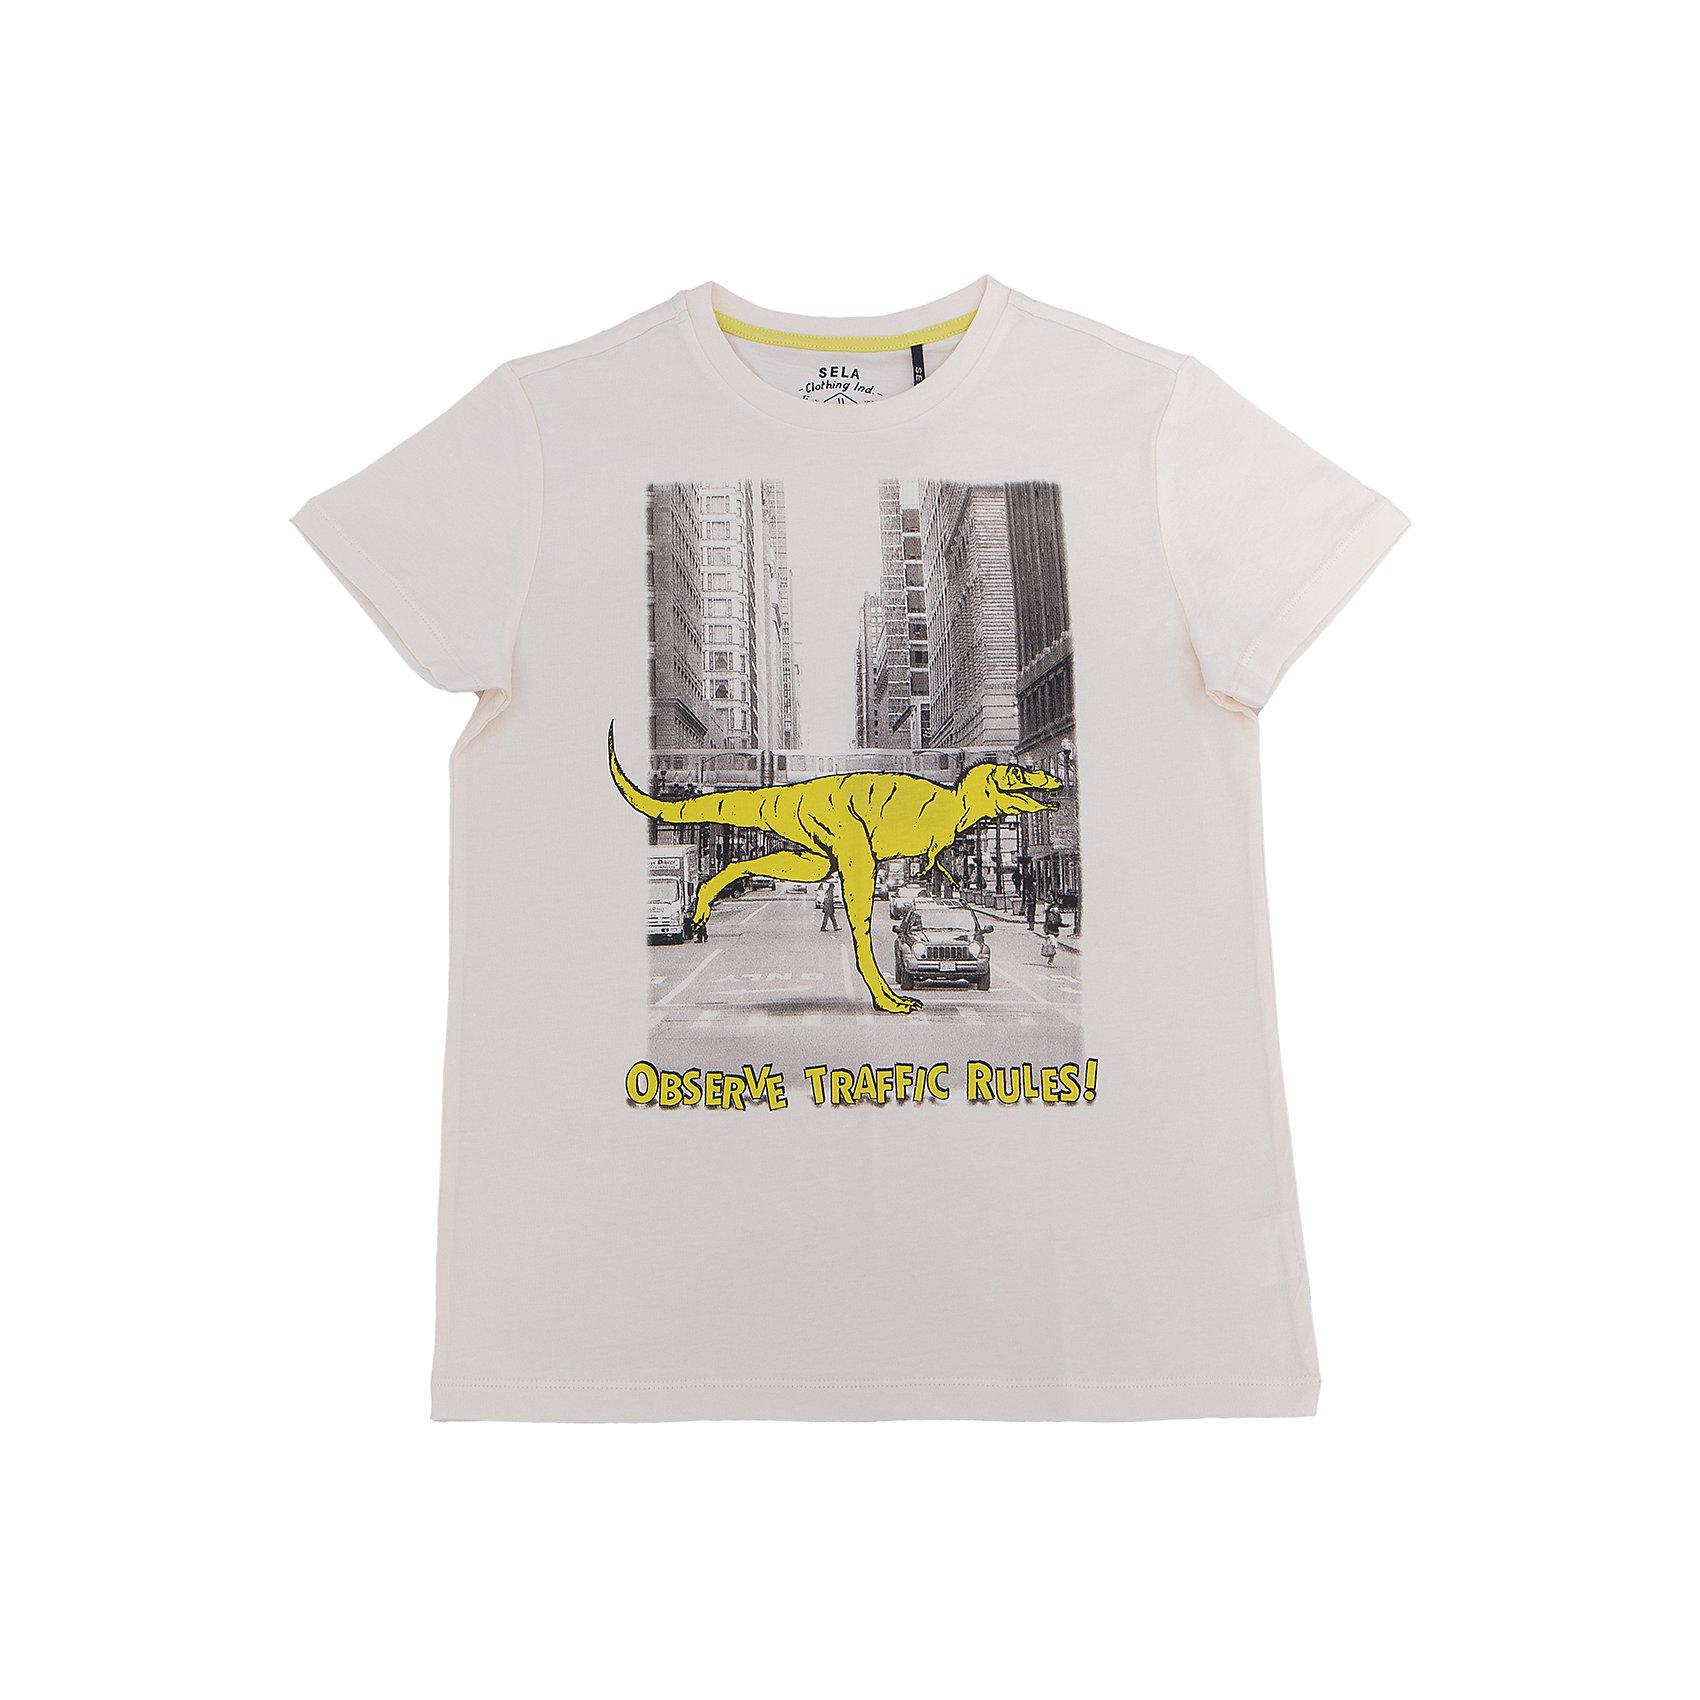 Футболка для мальчика SELAФутболки, поло и топы<br>Характеристики товара:<br><br>• цвет: серый<br>• состав: 100% хлопок<br>• принт<br>• короткие рукава<br>• округлый горловой вырез<br>• страна бренда: Российская Федерация<br><br>В новой коллекции SELA отличные модели одежды! Эта футболка для мальчика поможет разнообразить гардероб ребенка и обеспечить комфорт. Она отлично сочетается с джинсами и брюками. Удобная базовая вещь!<br><br>Футболку для мальчика от популярного бренда SELA (СЕЛА) можно купить в нашем интернет-магазине.<br><br>Ширина мм: 230<br>Глубина мм: 40<br>Высота мм: 220<br>Вес г: 250<br>Цвет: серый<br>Возраст от месяцев: 96<br>Возраст до месяцев: 108<br>Пол: Мужской<br>Возраст: Детский<br>Размер: 134,140,146,152,116,122,128<br>SKU: 5304049